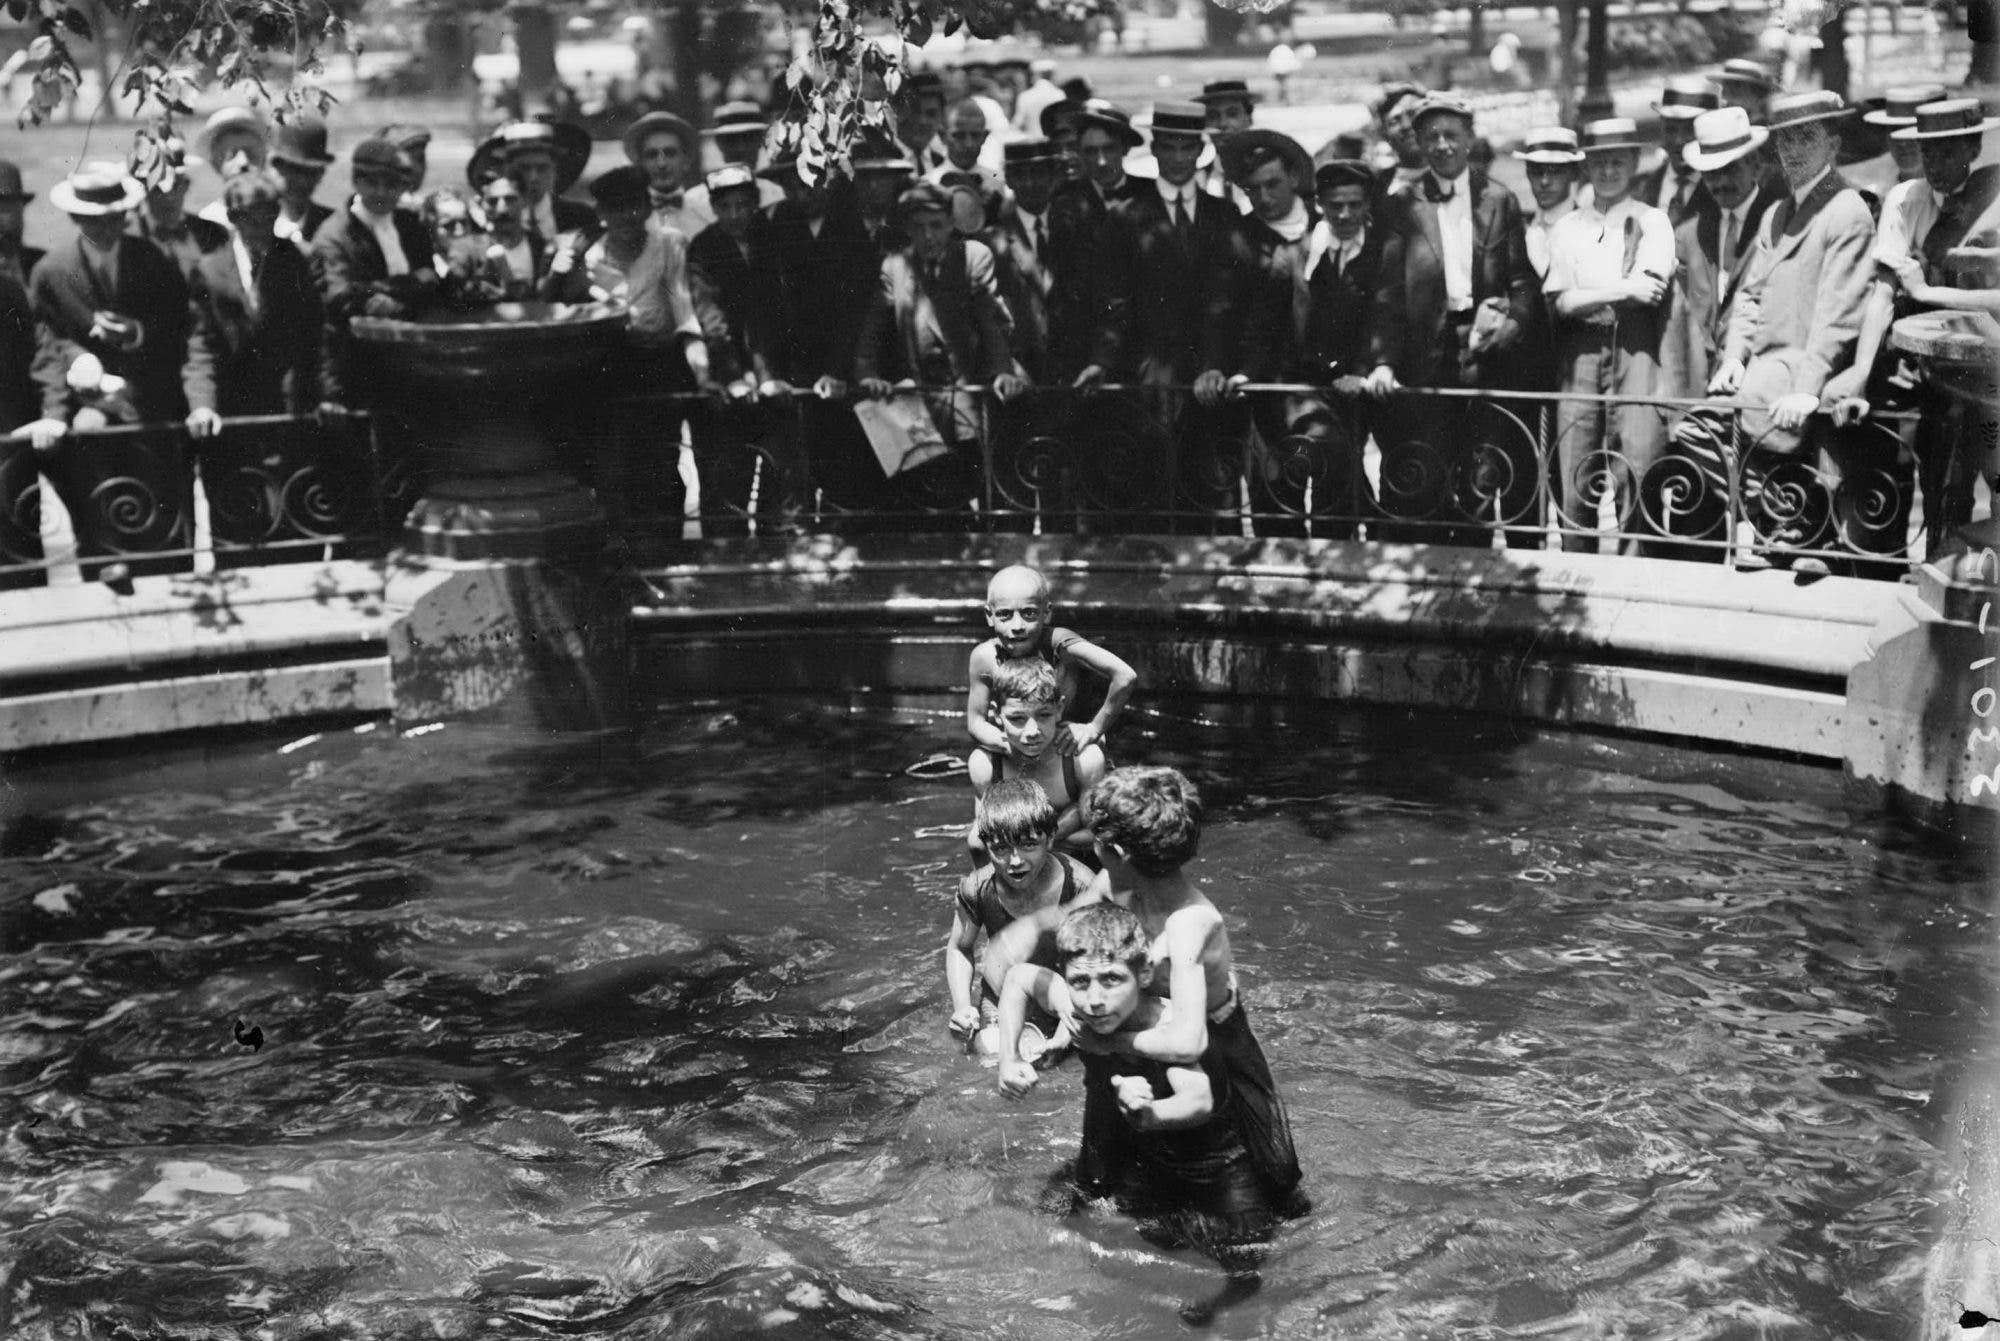 صورة لعدد من الأطفال الأميركيين وهم يسبحون بإحدى النافورات لمجابهة موجة الحر خلال عام 1911